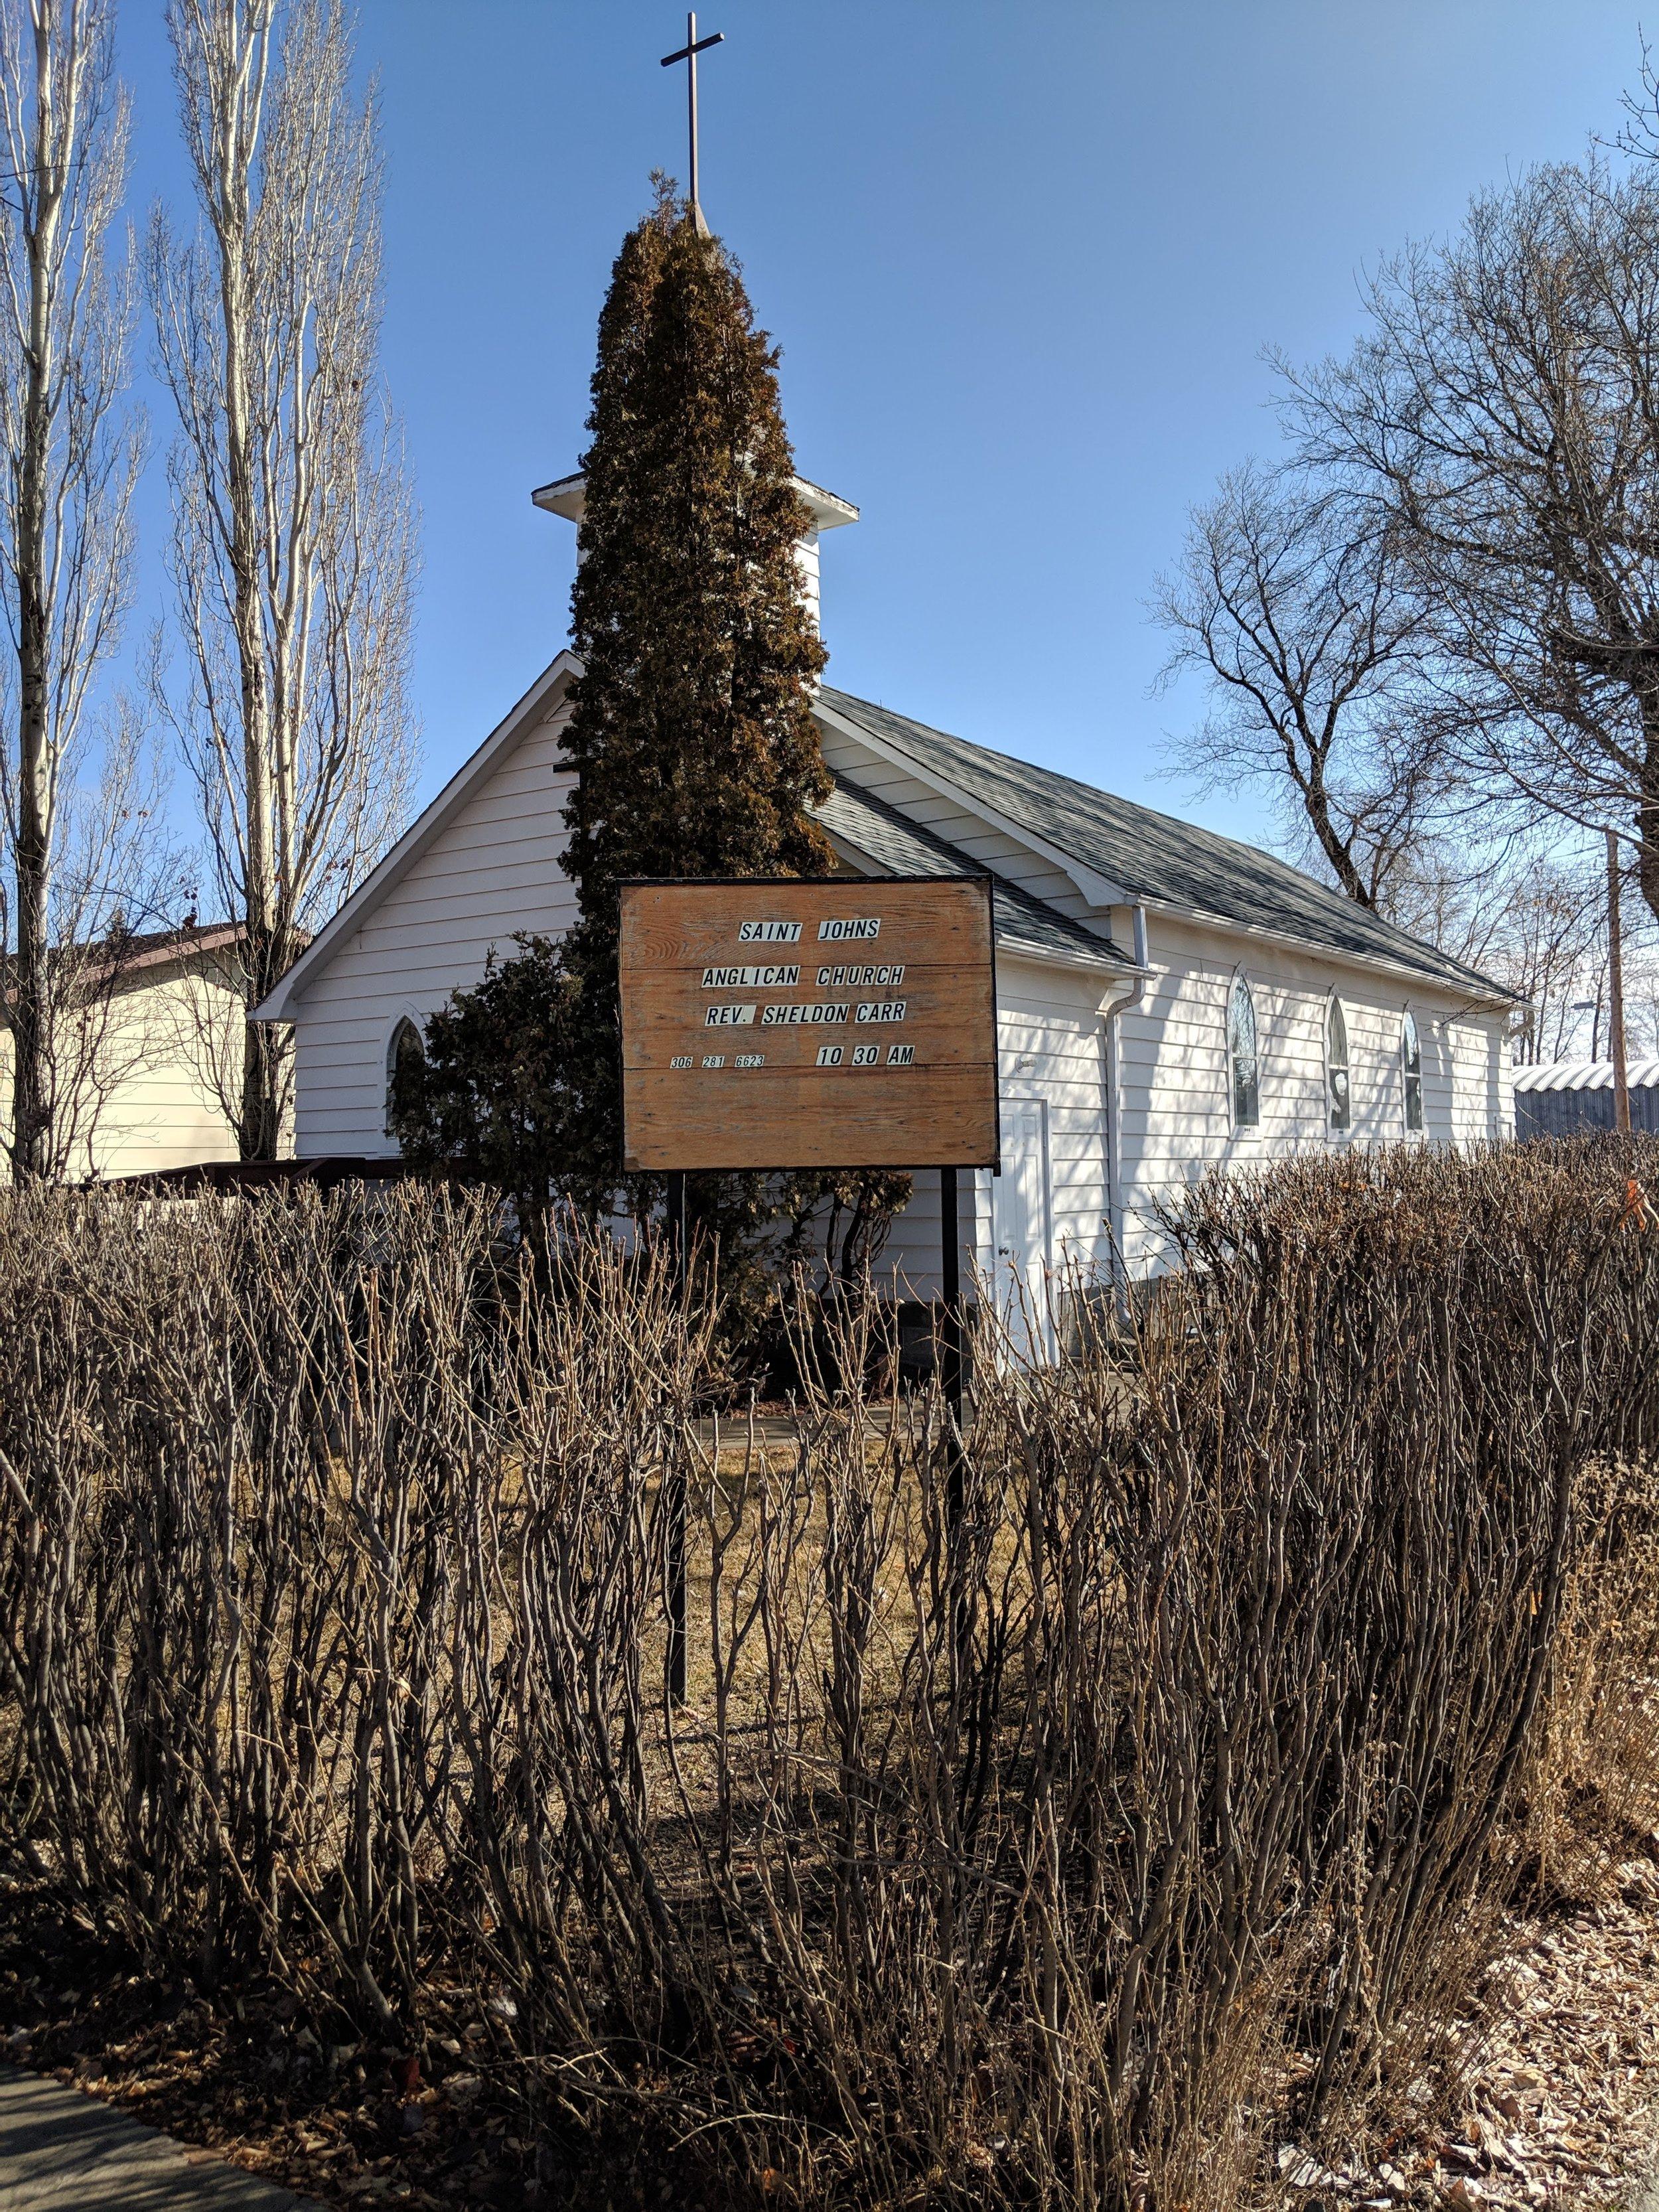 St. John's, Borden